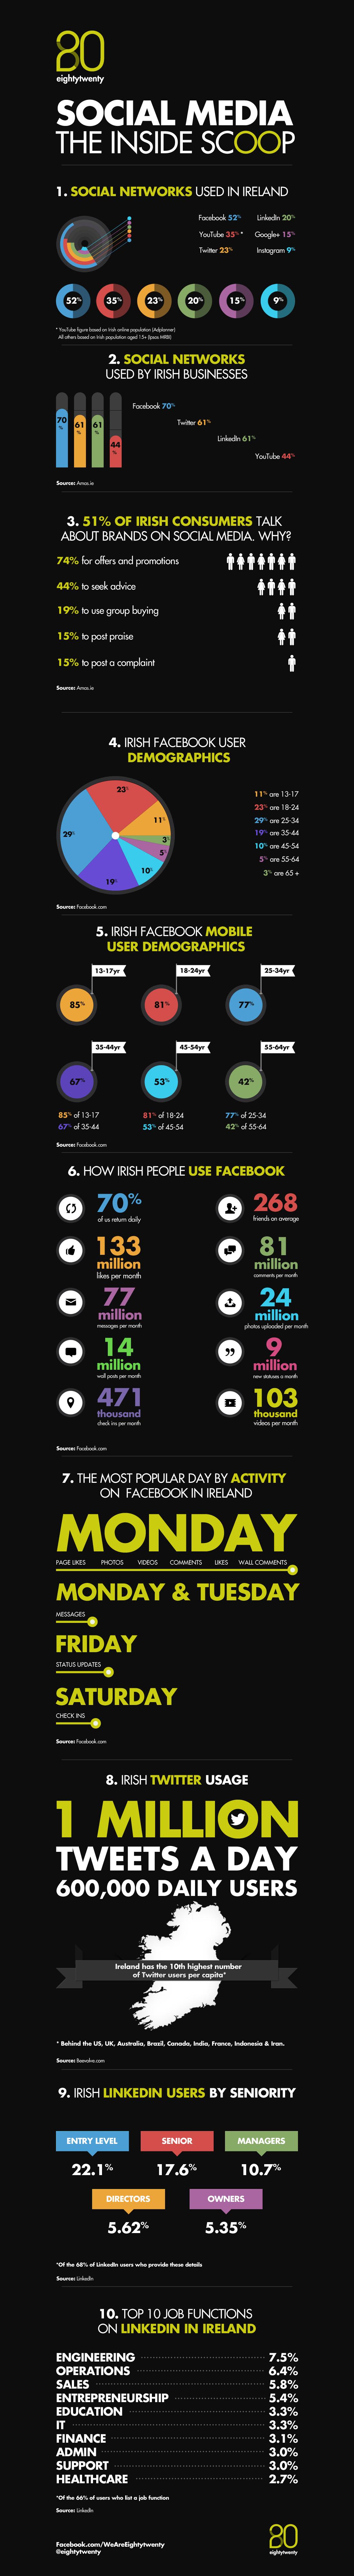 Social Media Ireland Statistics